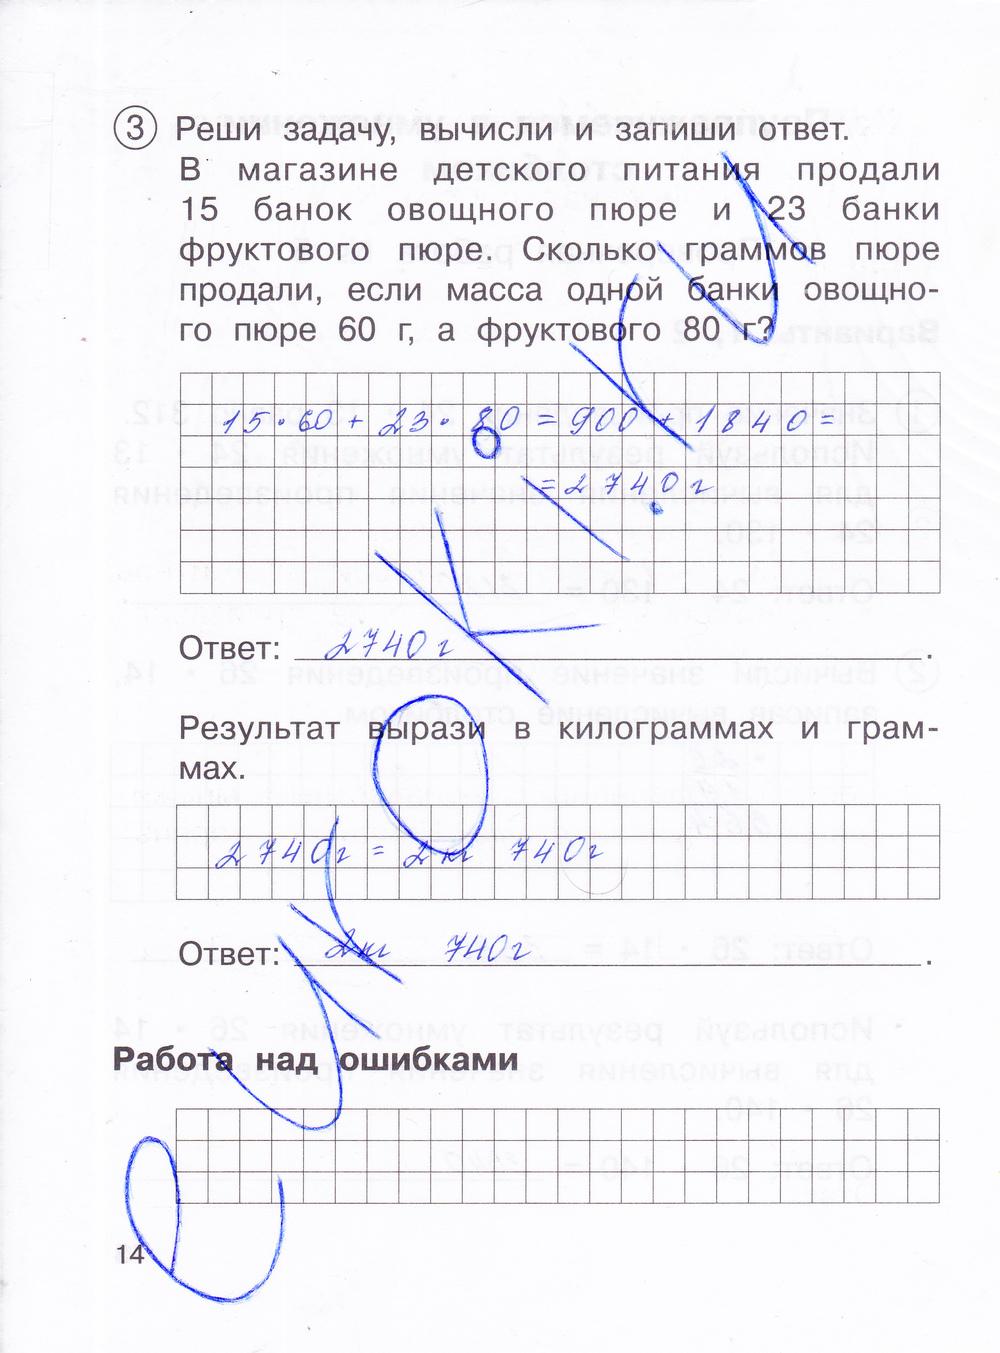 гдз по математике контрольных работ чуракова янычева часть 2 3 класс